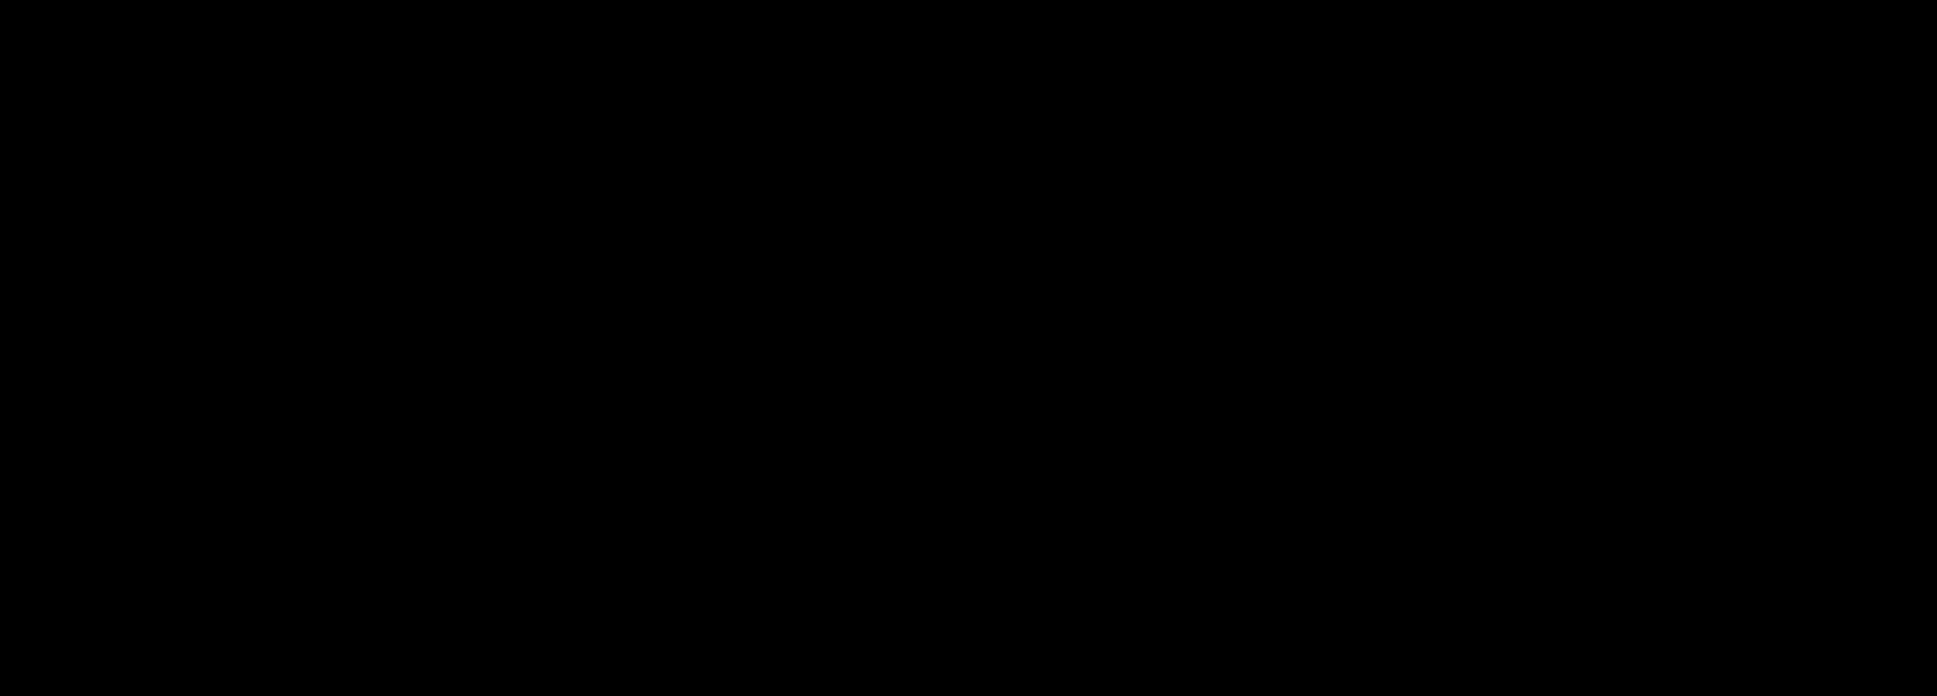 Norcapsaicin-d<sub>3</sub>